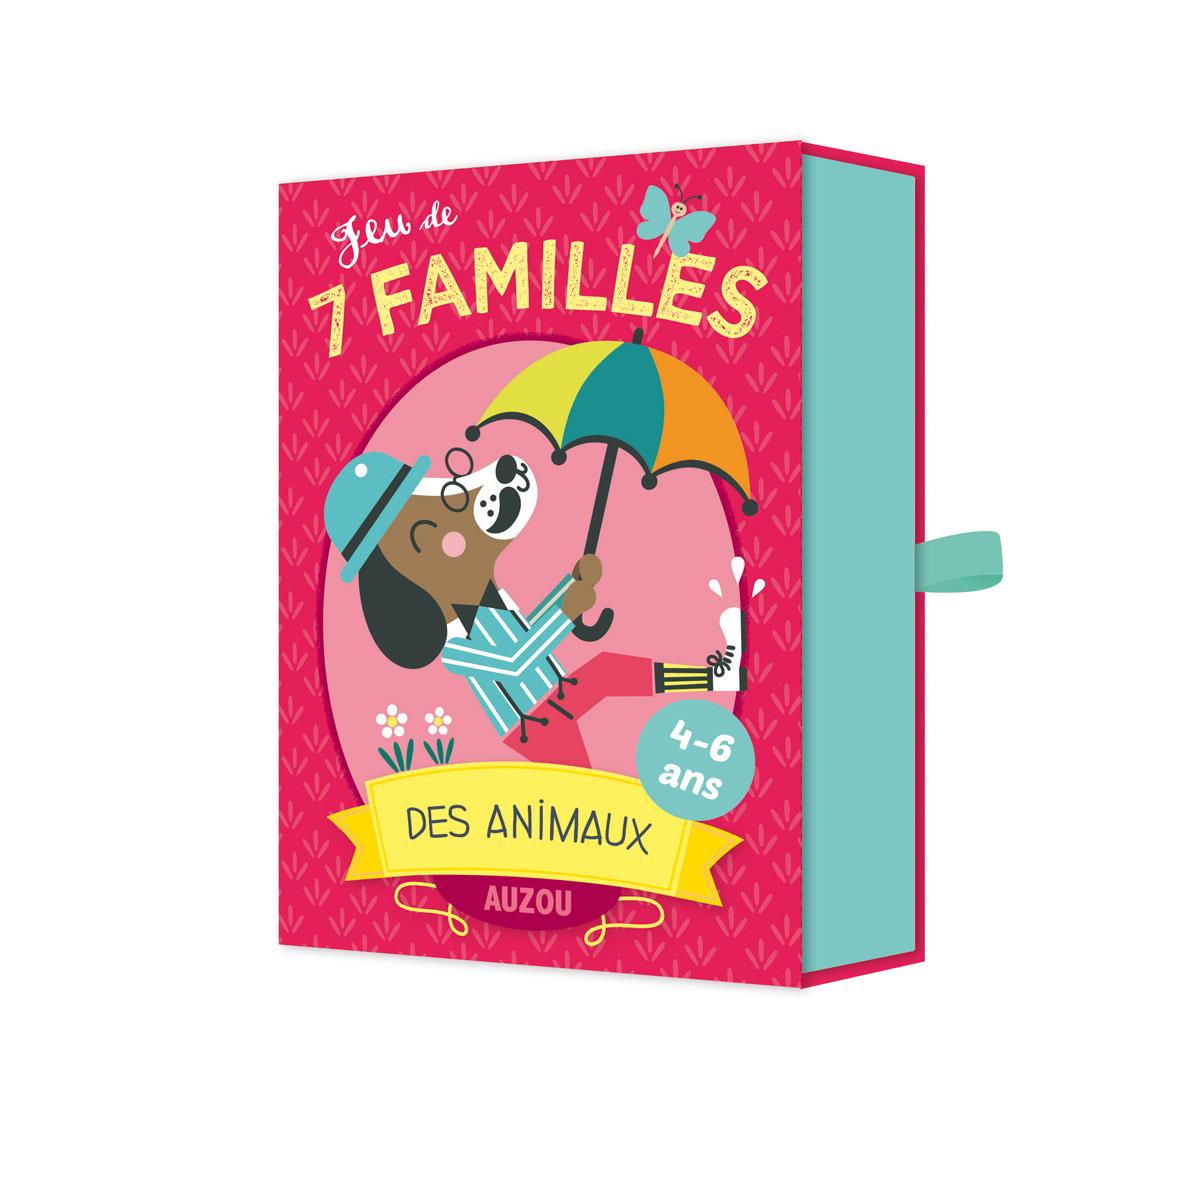 Jeu De 7 Familles Des Animaux tout Jeux En Ligne Fille 6 Ans